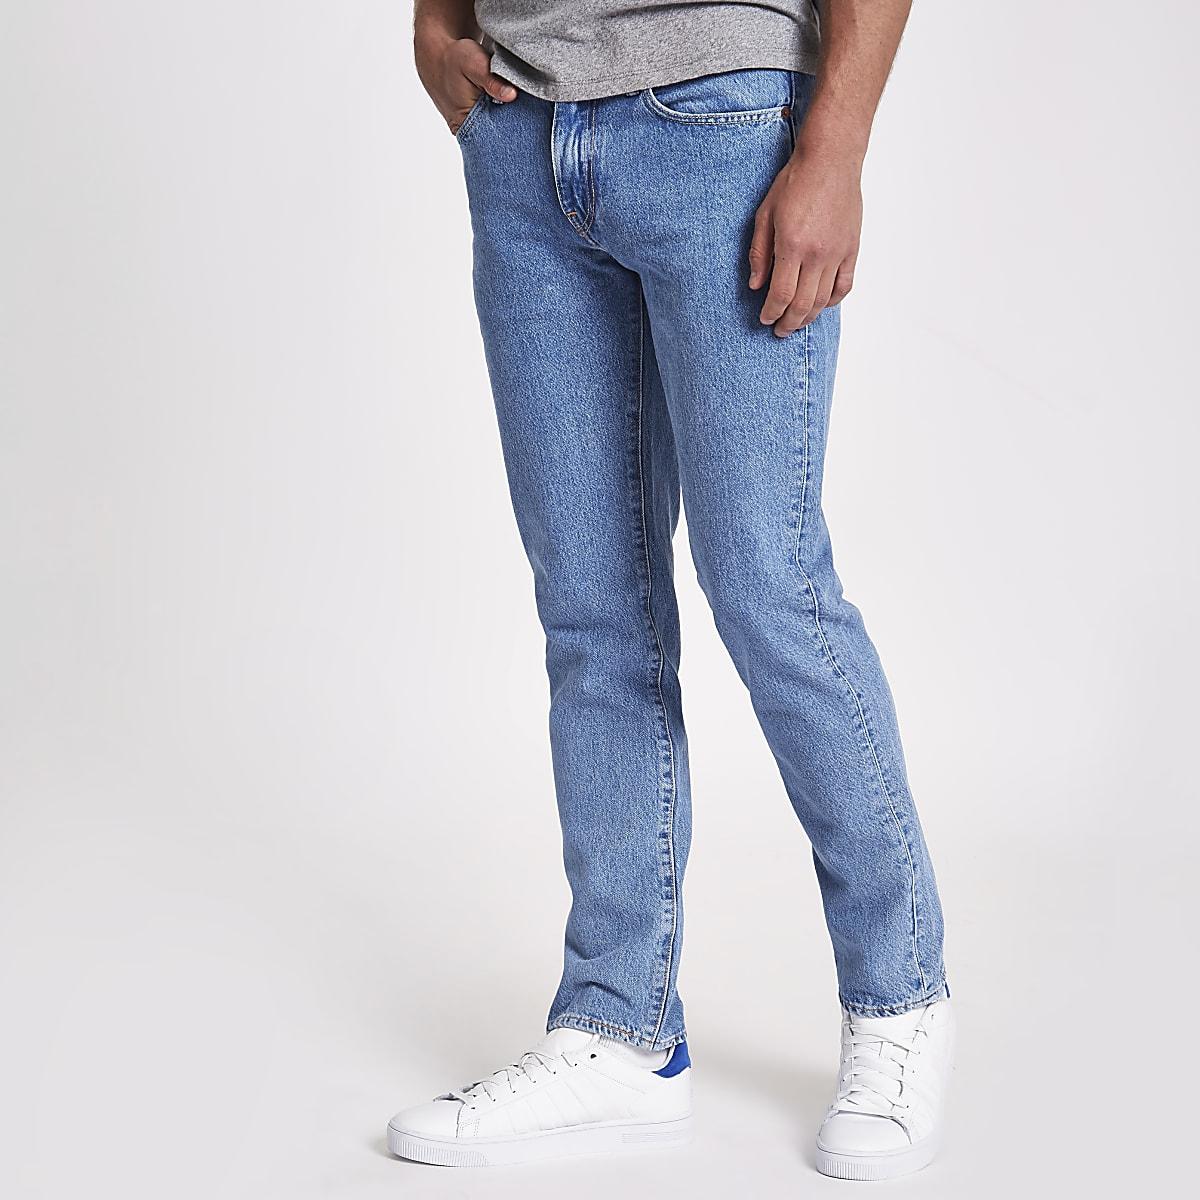 Levi's light blue 511 slim fit jeans